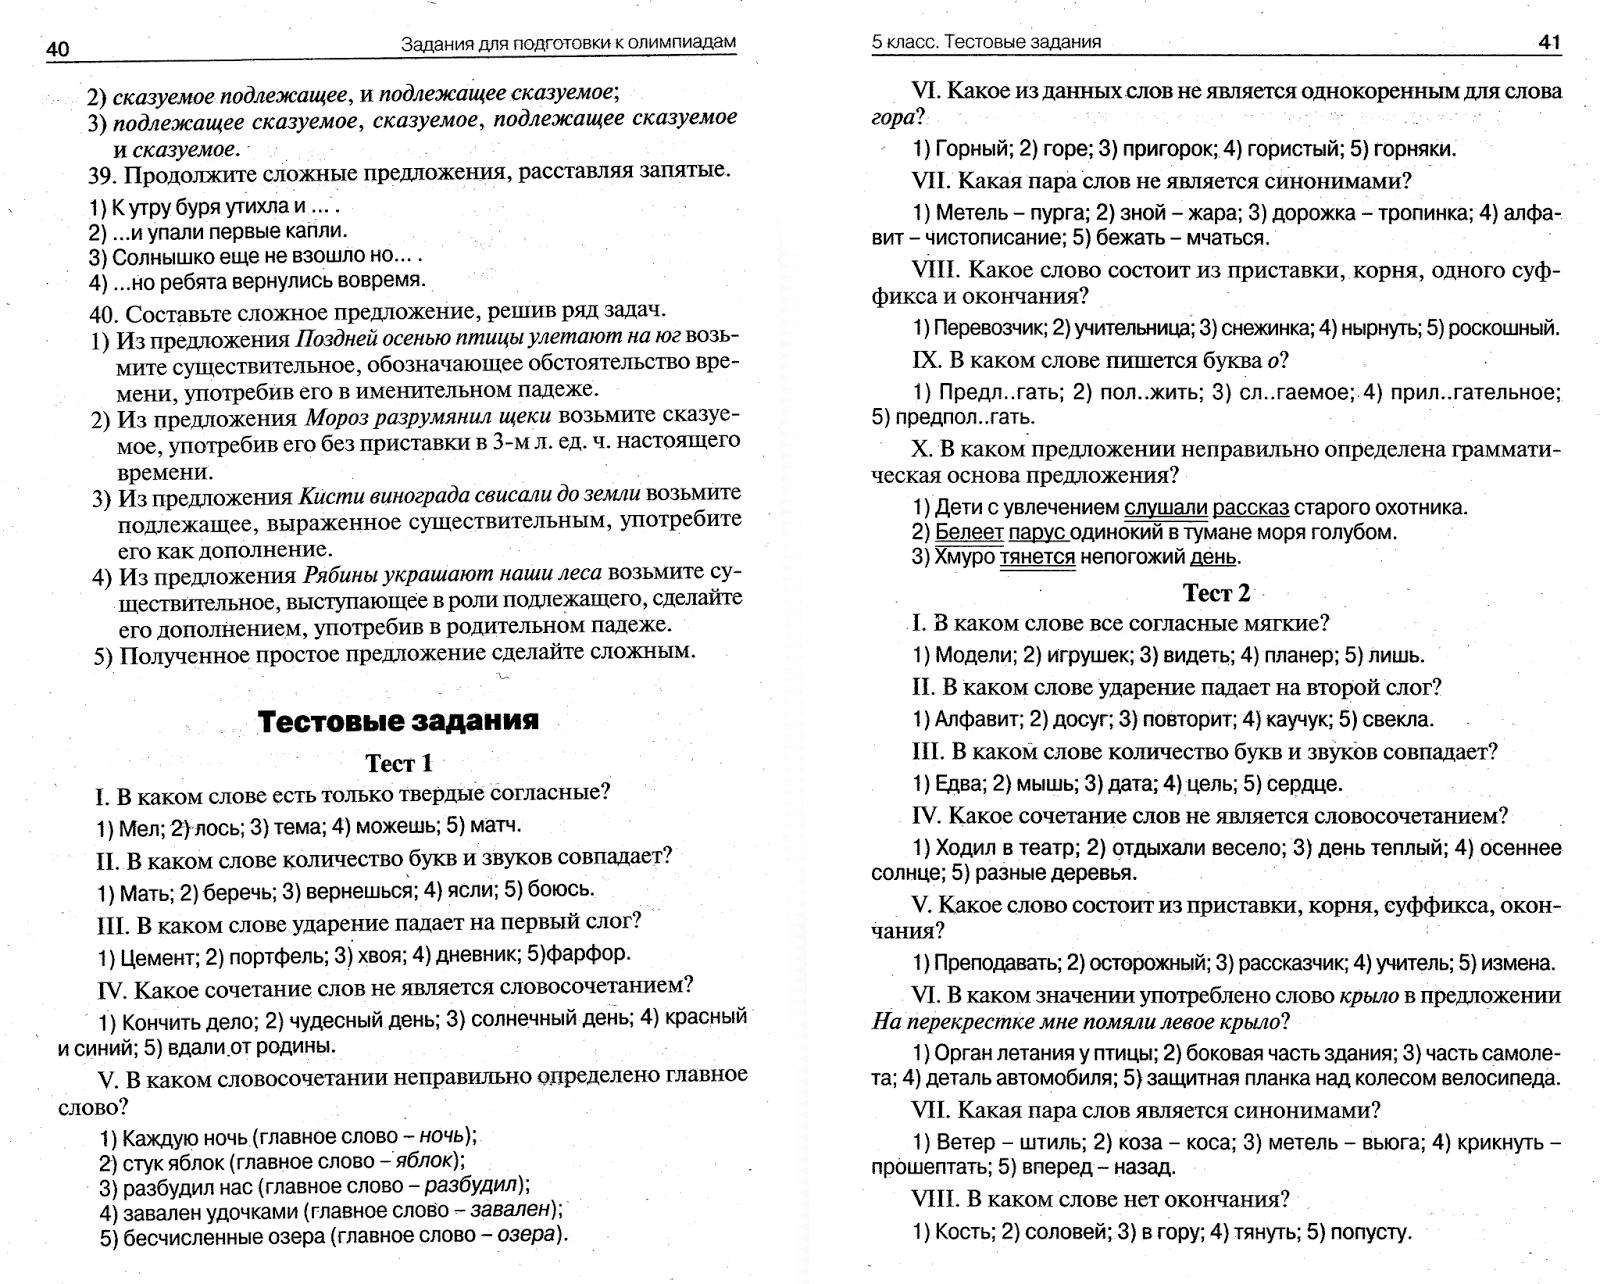 Образовательный блог учителя русского языка и литературы  Тестовые задания для подготовки к олимпиаде по русскому языку базовый уровень с ответами 5 класс